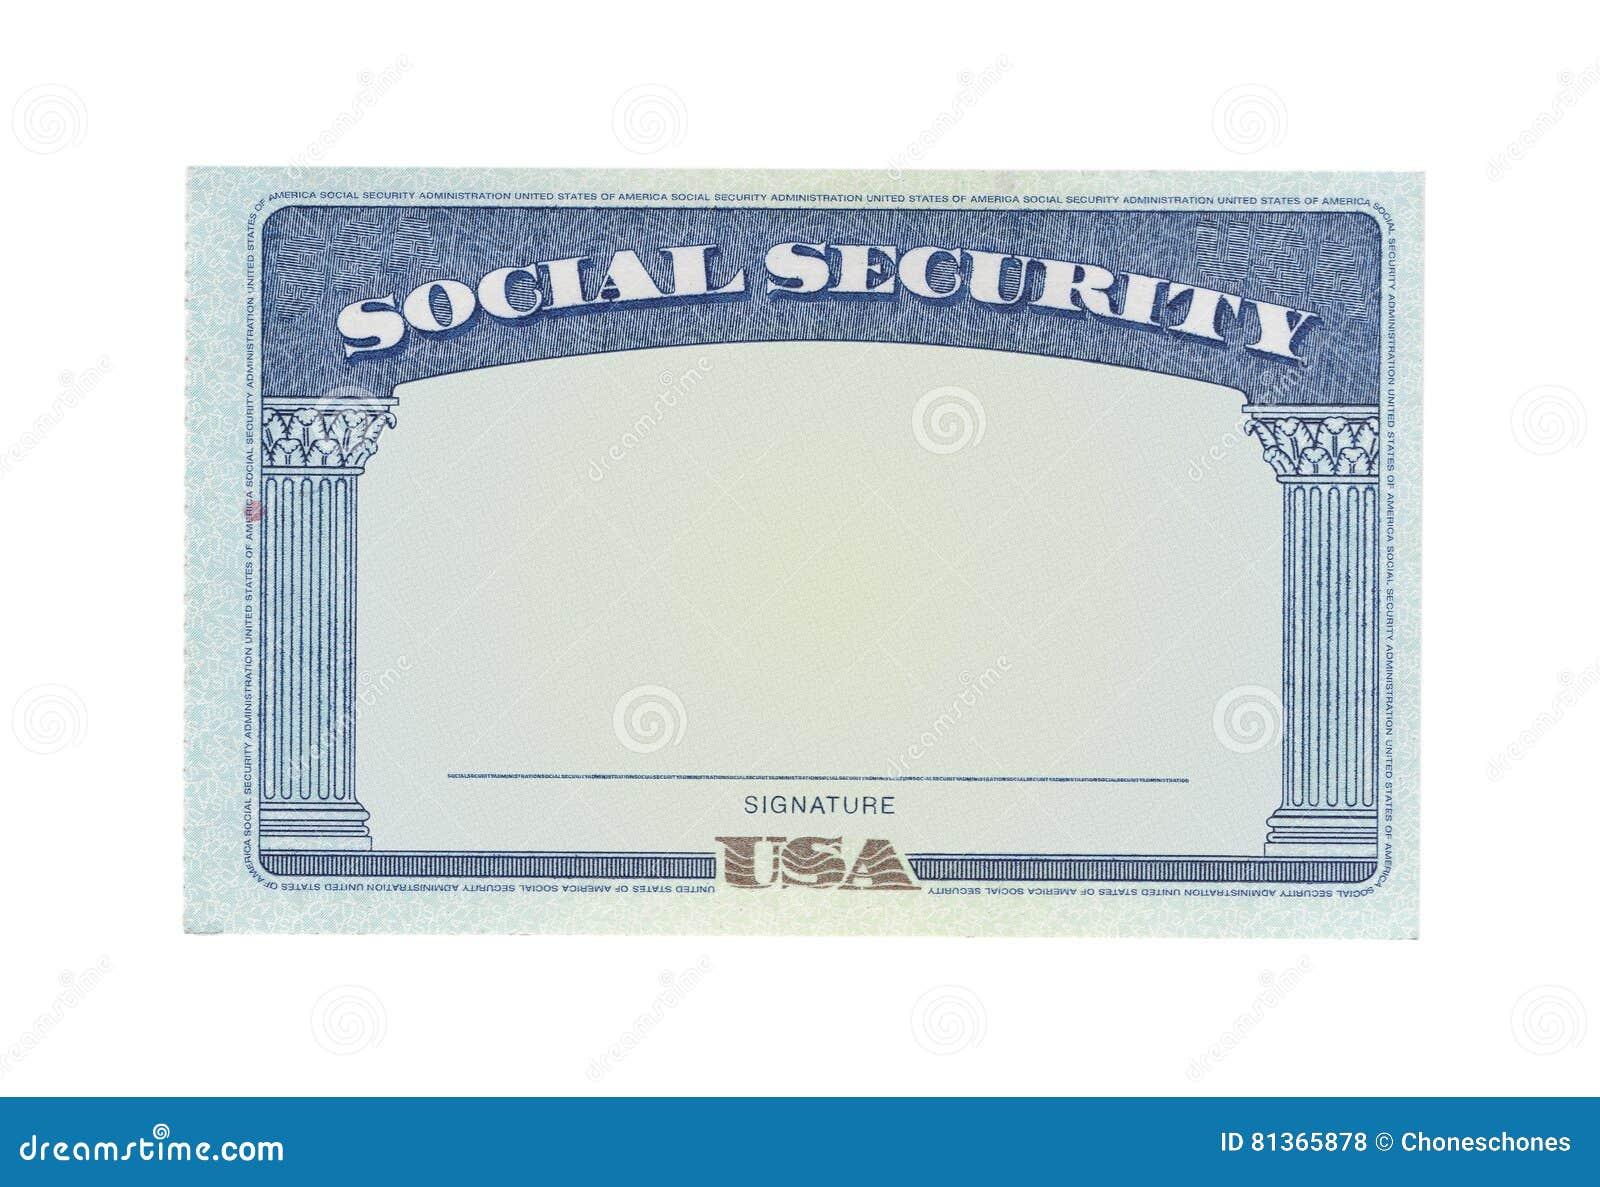 Carte vierge de sécurité sociale